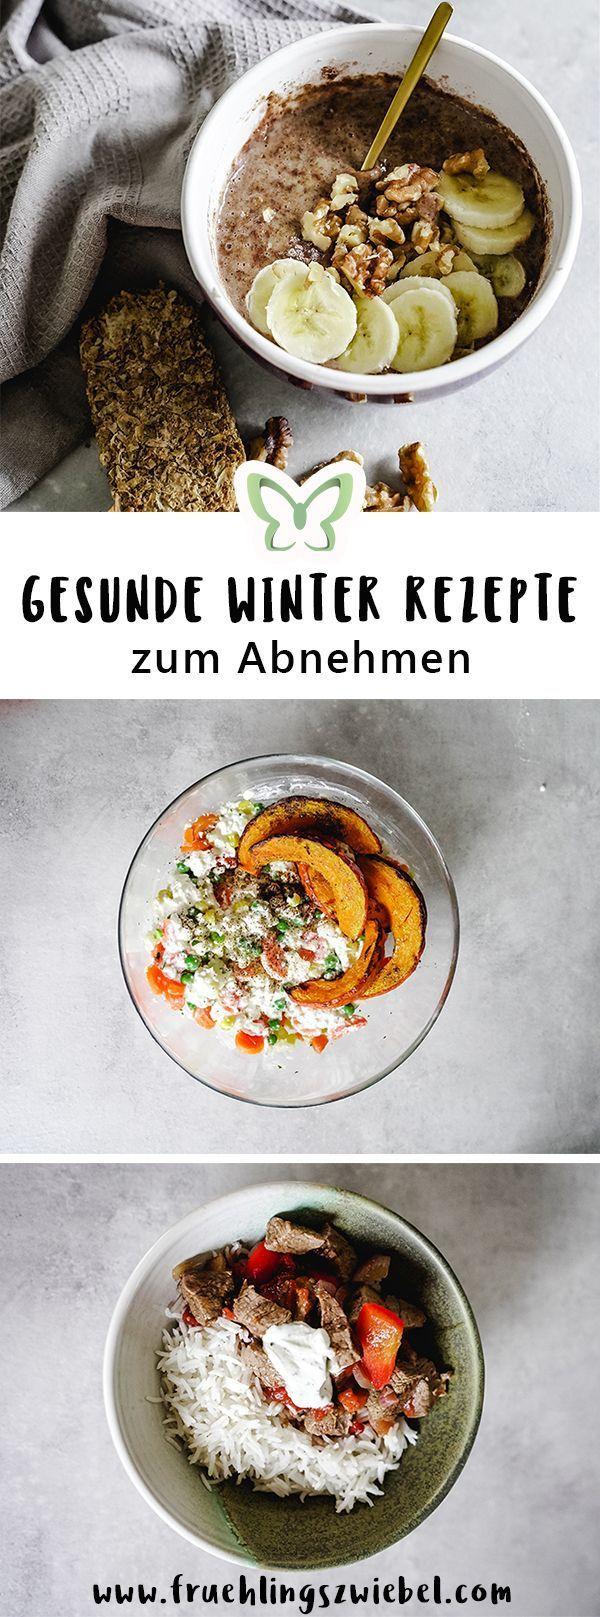 Gesunde Rezepte für den ganzen Tag Winter Rezepte zum Abnehmen Porridge mit Banane Gemüse  Gesunde Rezepte für den ganzen Tag Winter Rezepte zum Abnehmen P...